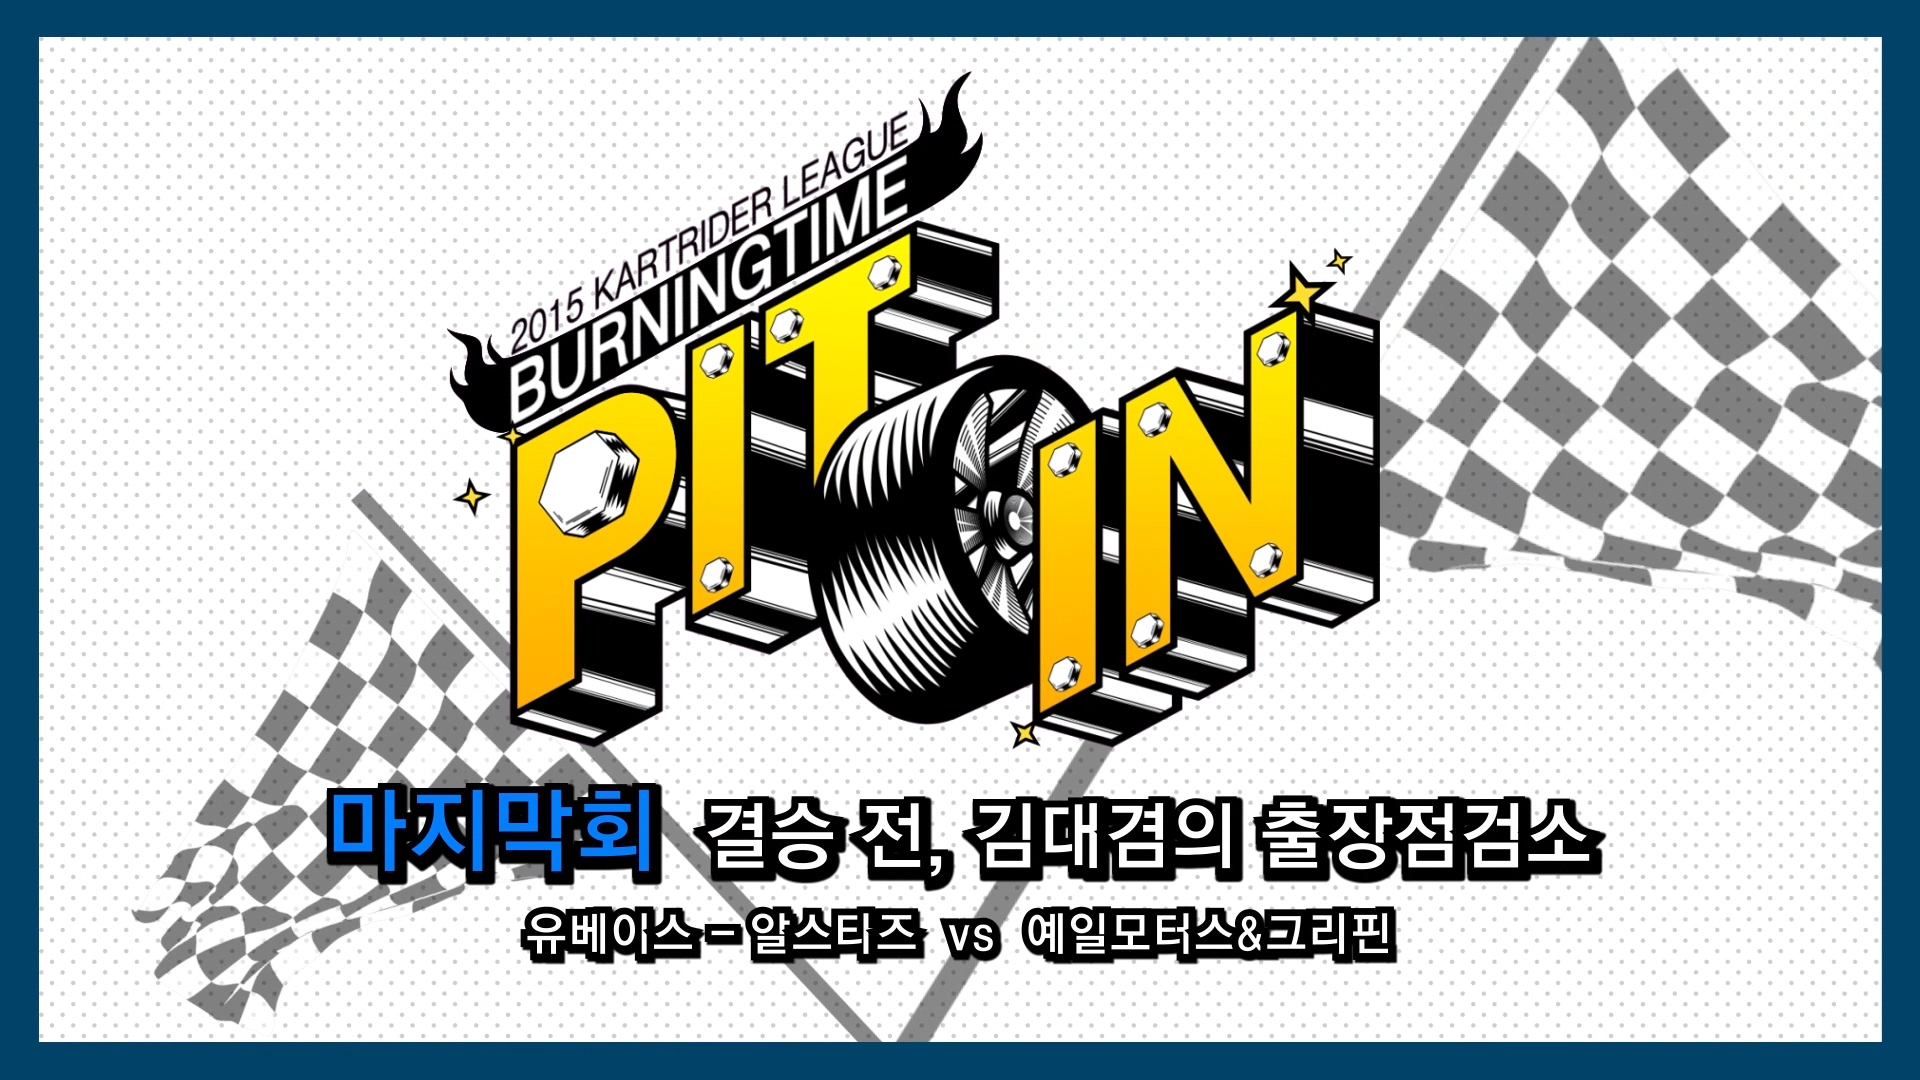 버닝타임] PIT-IN 마지막화